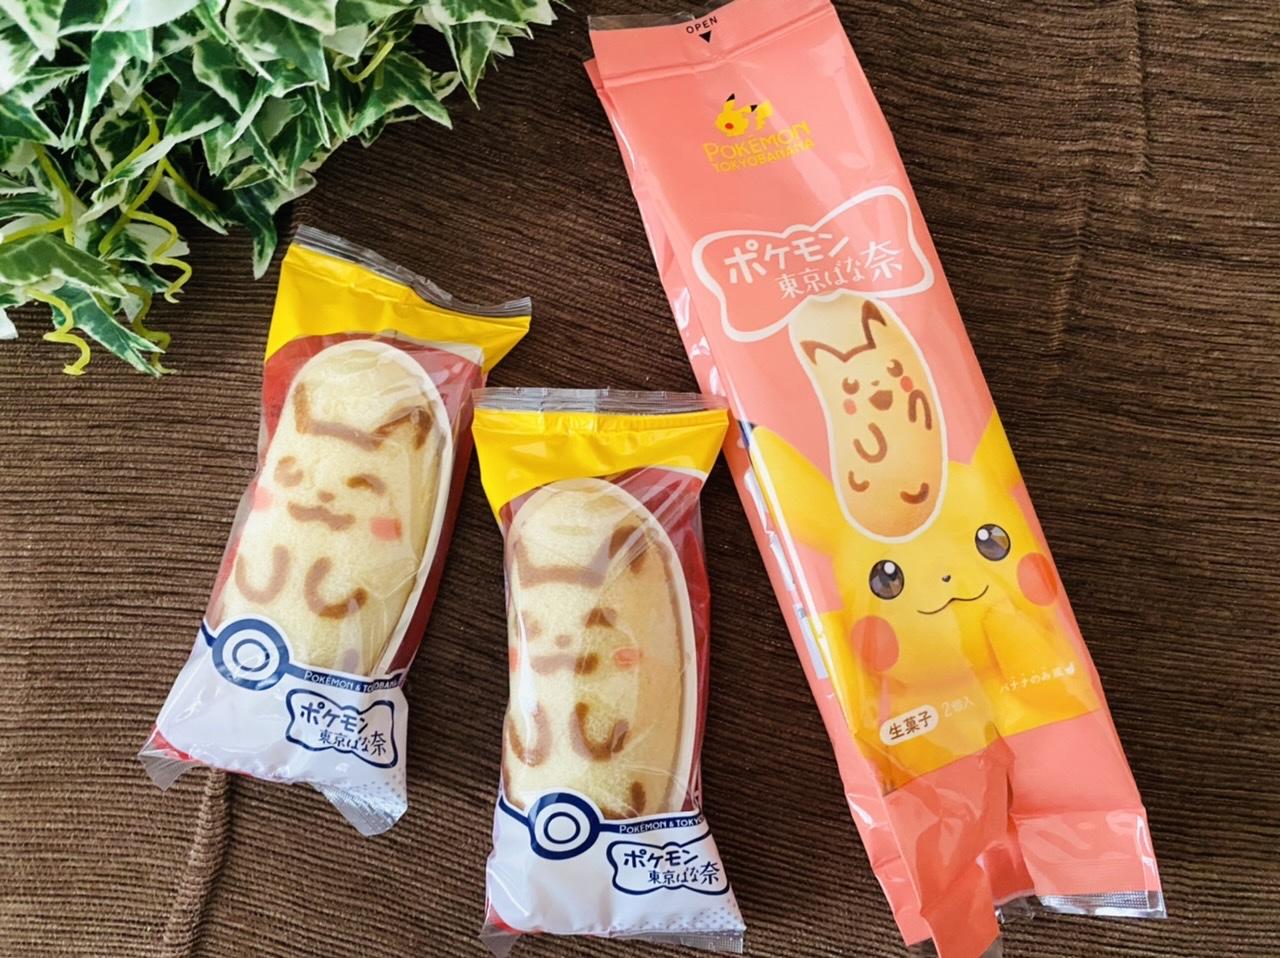 【セブンイレブン】大反響!超かわいい♡ピカチュウが《東京バナナ》になっちゃった★_2